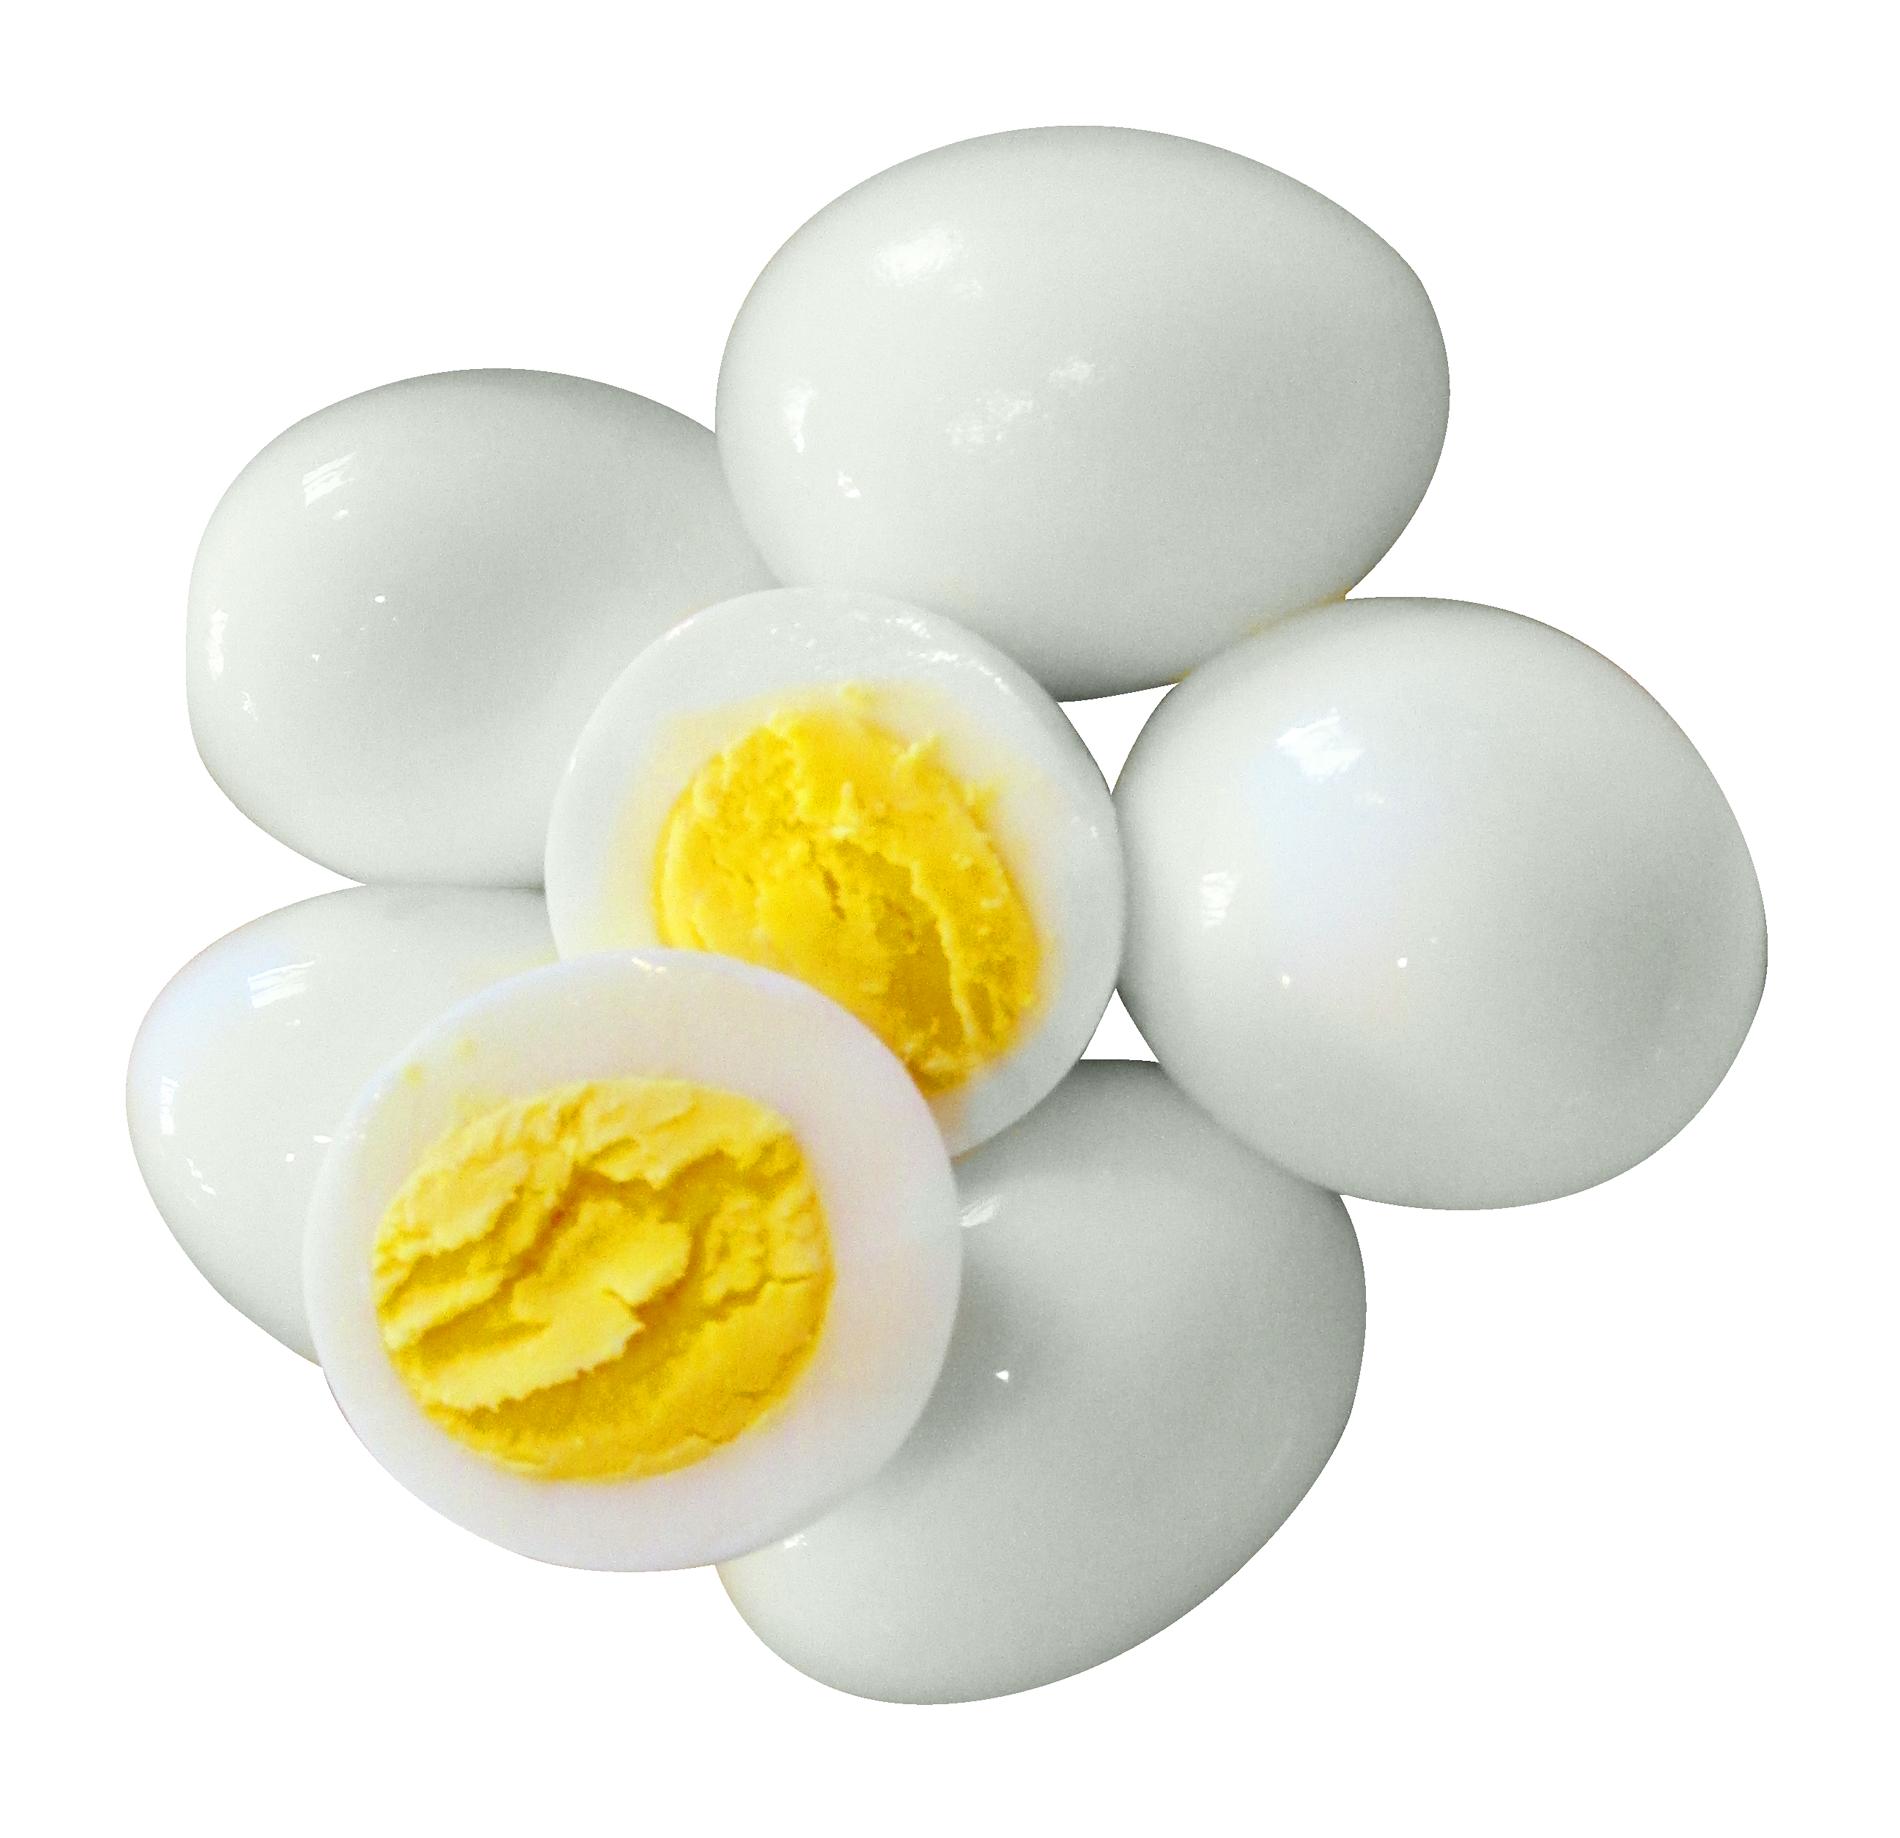 Boiled Egg Boiled Eggs Eggs Egg Benefits